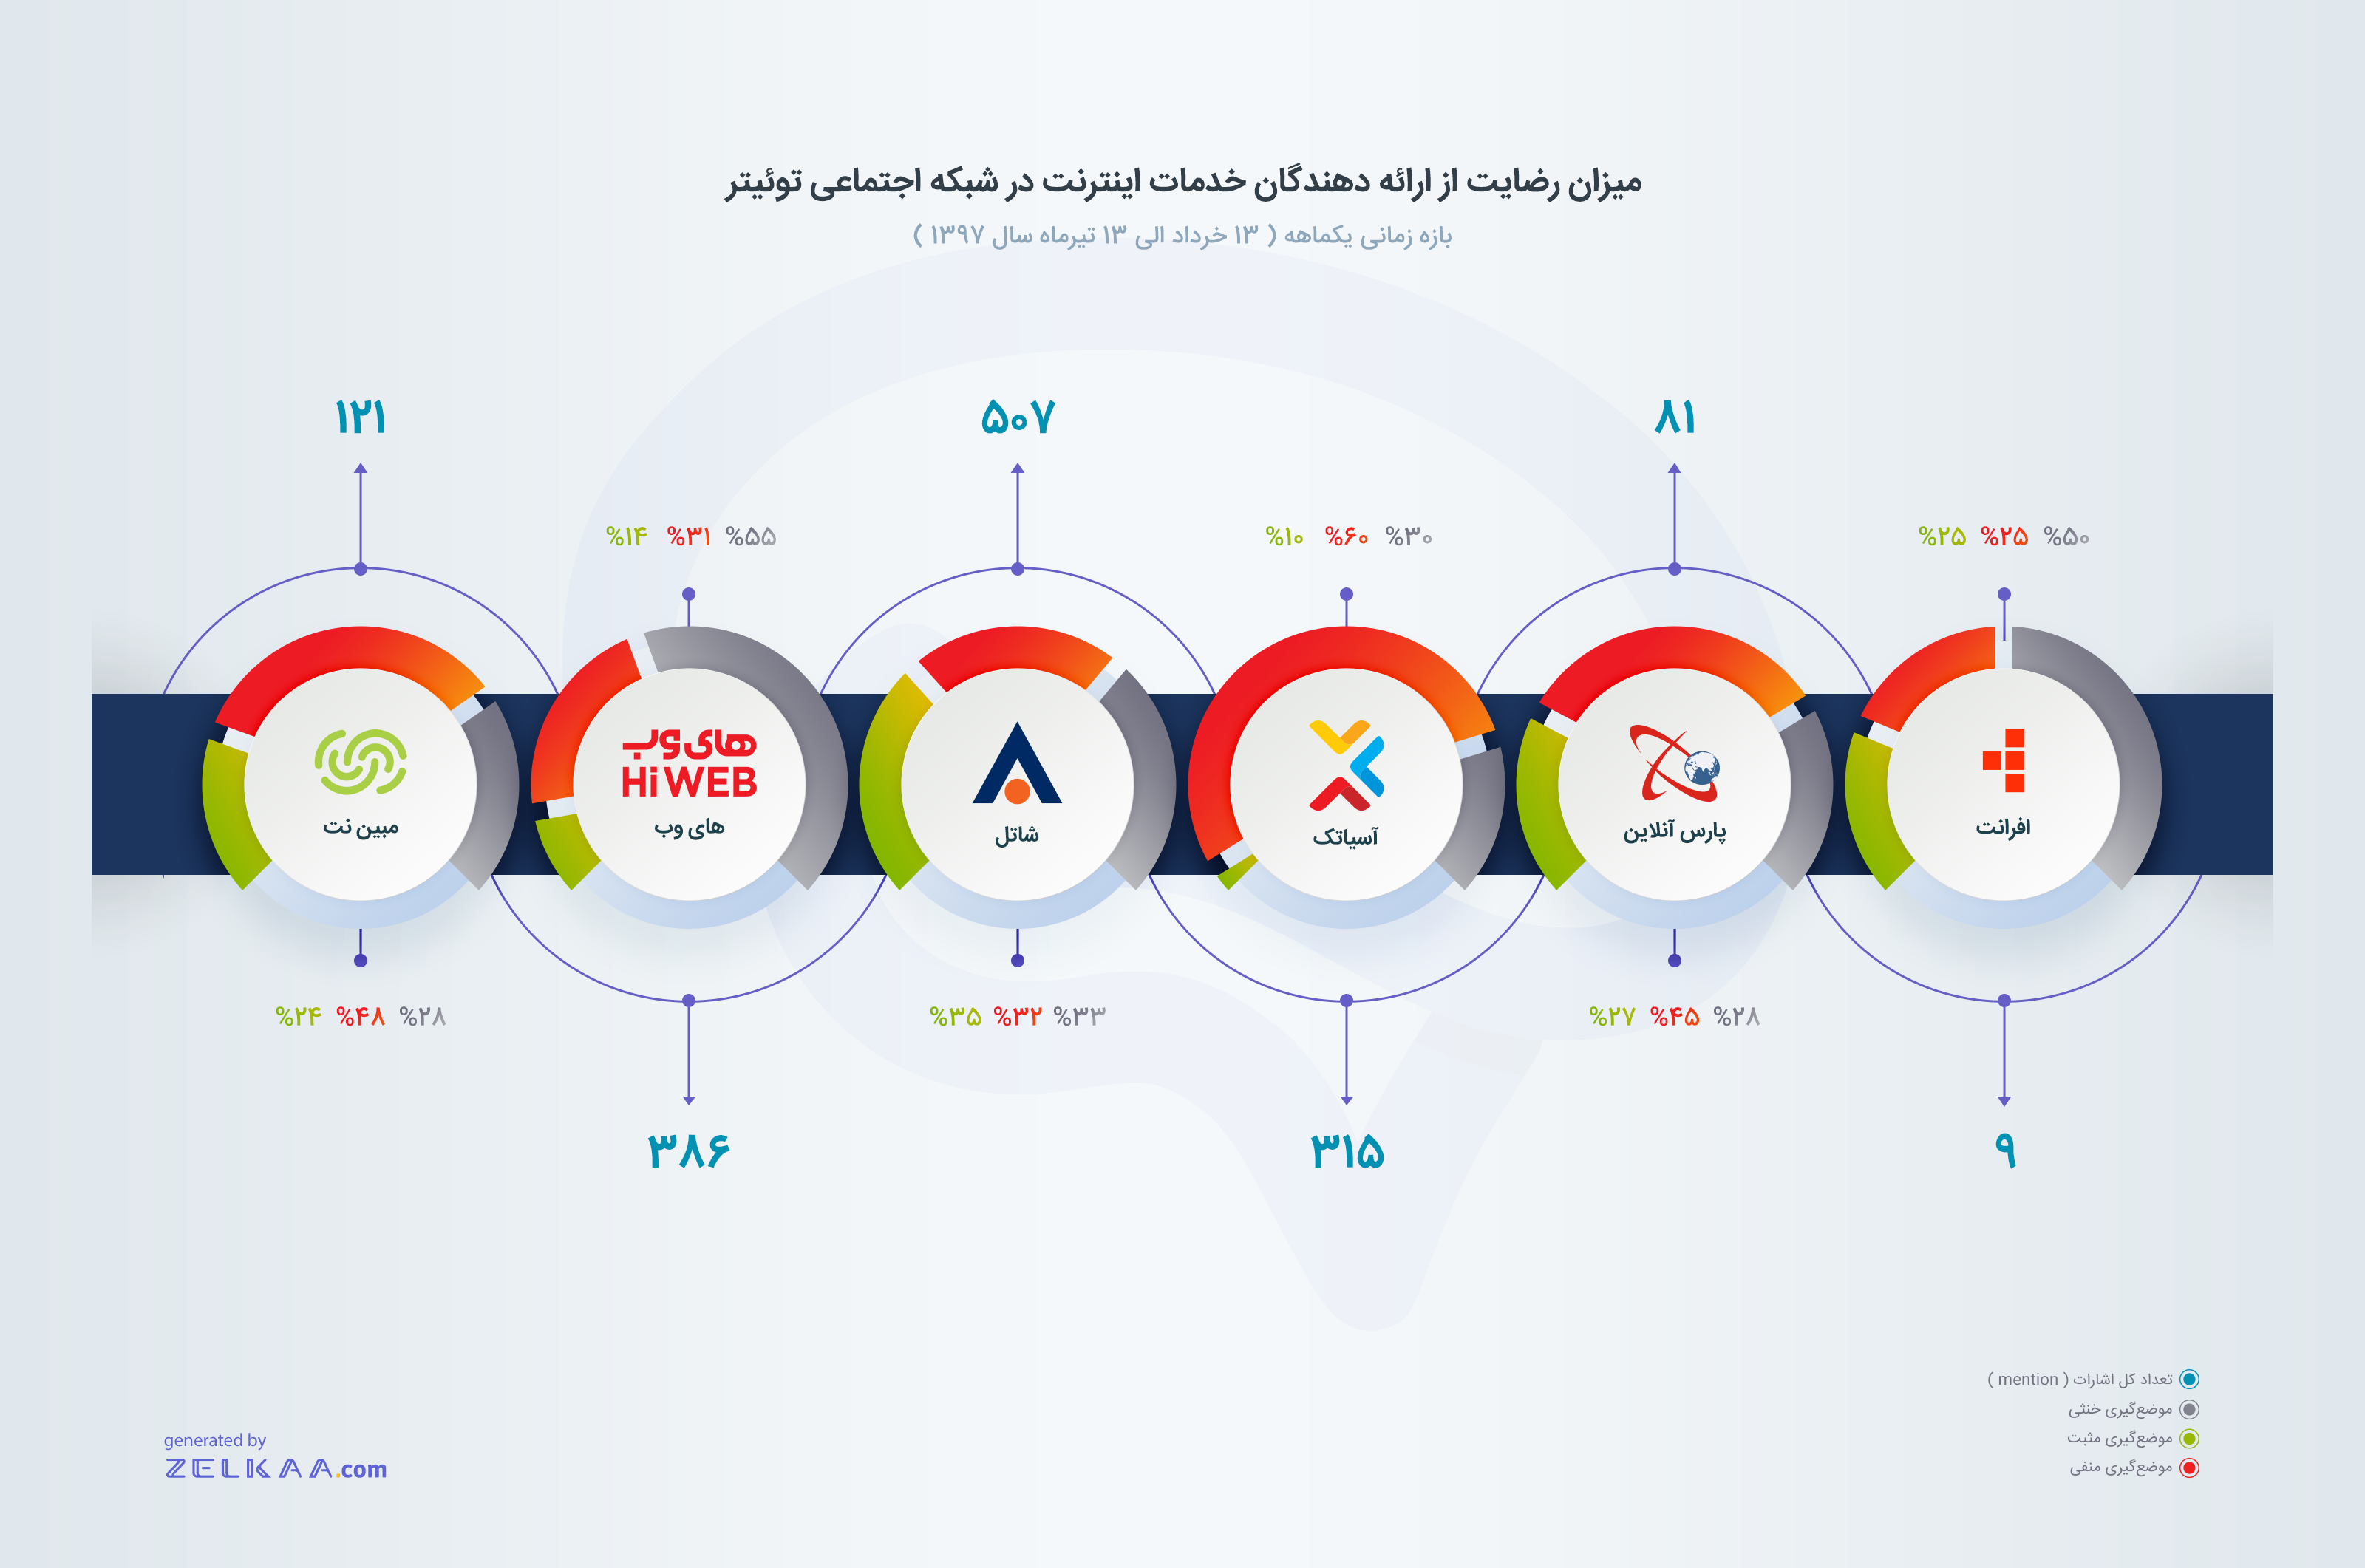 میزان رضایت کاربران توییتر از ارائه دهندگان خدمات اینترنت